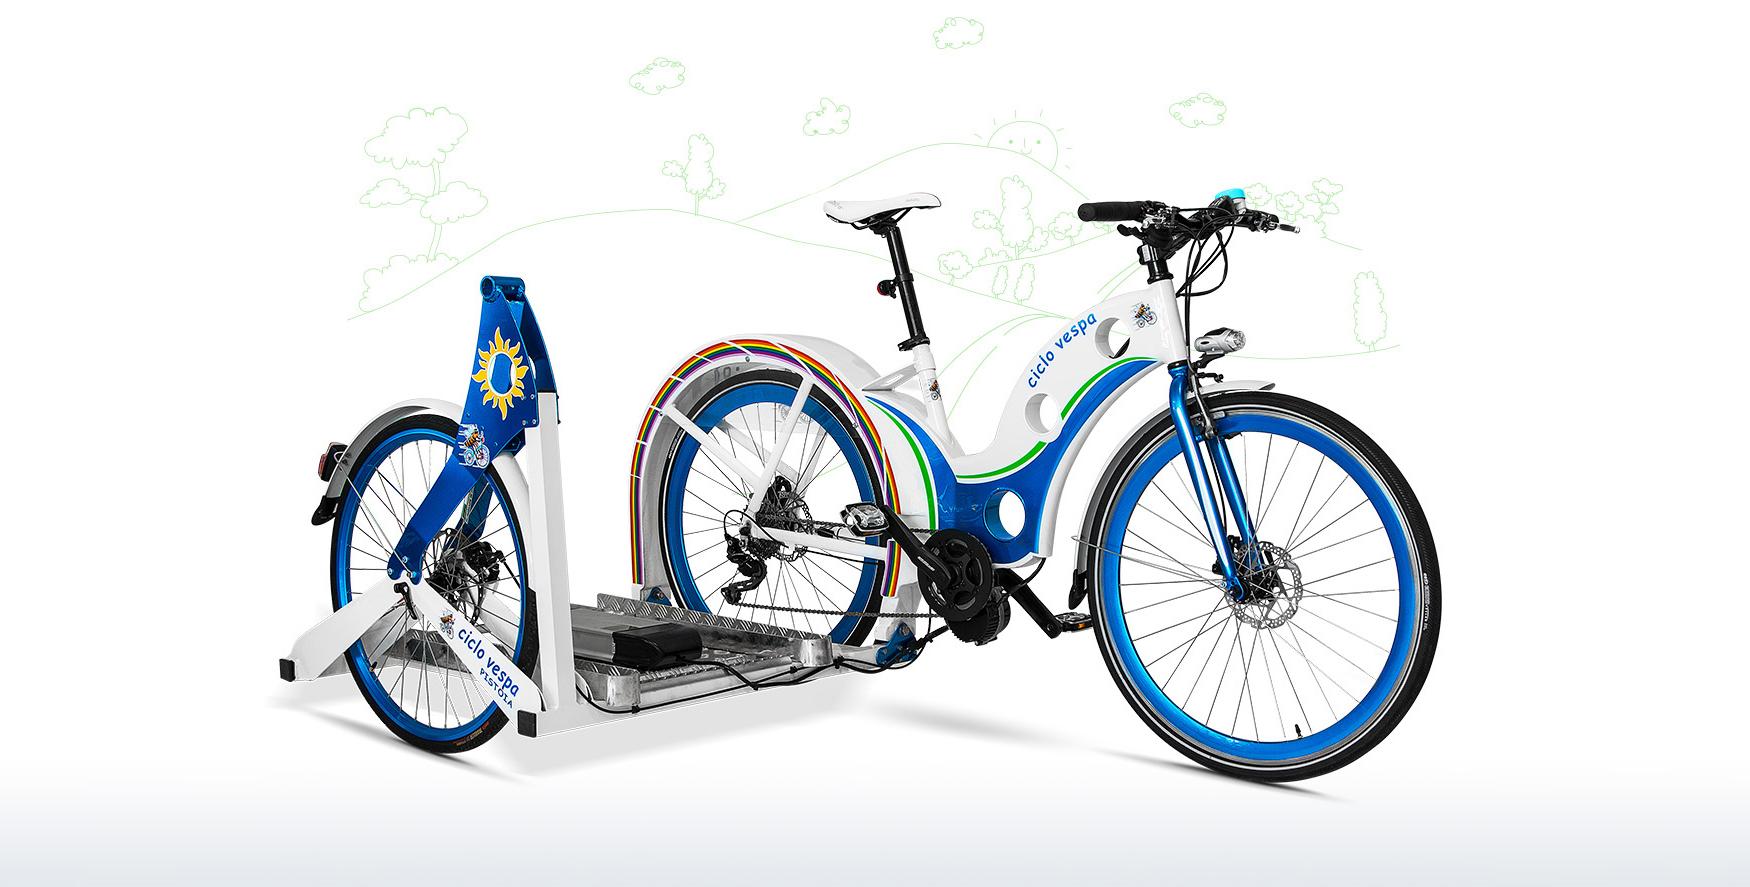 CicloVespa sidebike